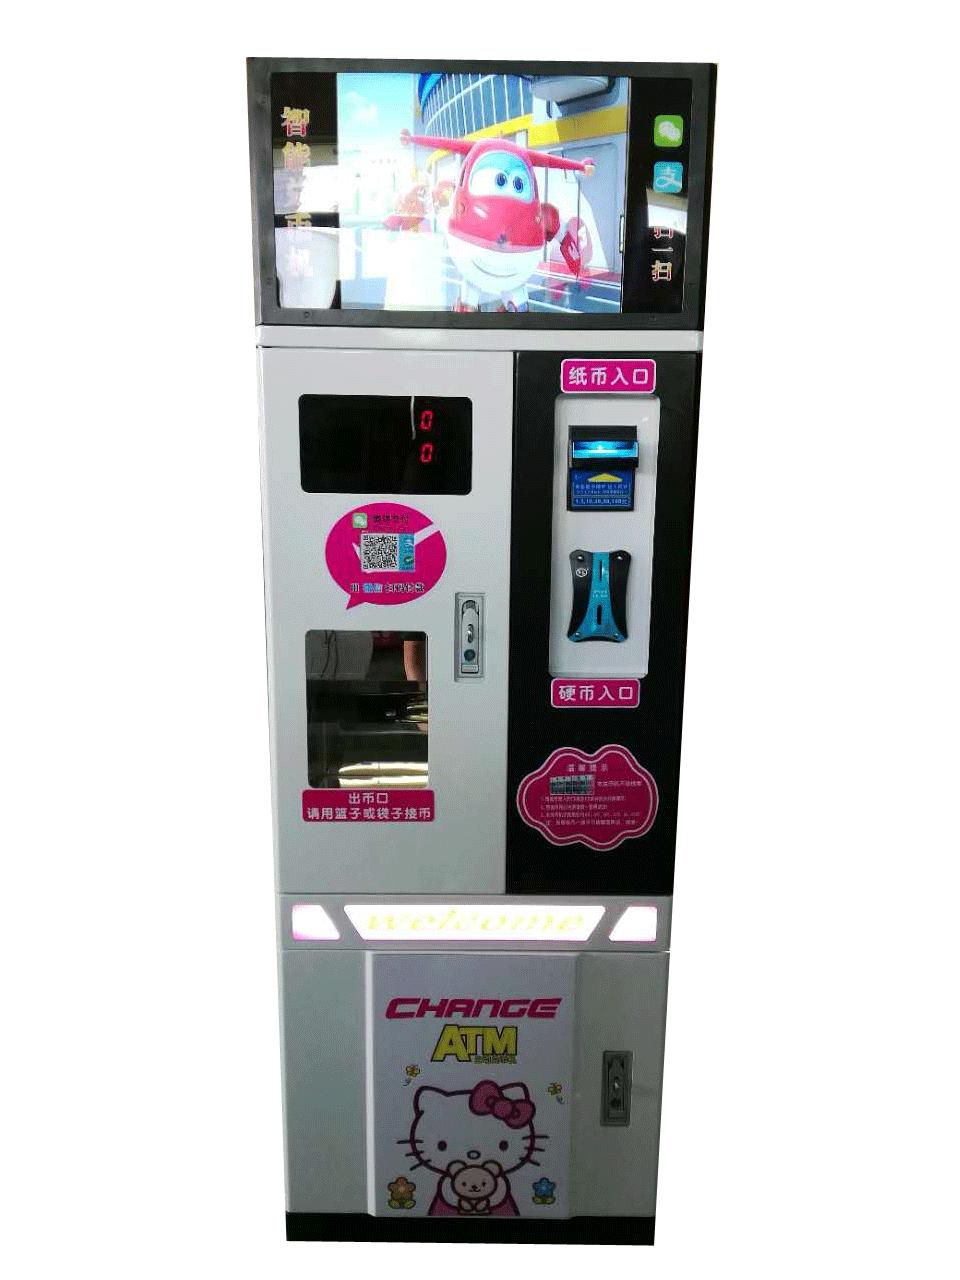 潇毅XY-CM1000电玩城自助兑币机自助售币可接刷卡系统微信支付